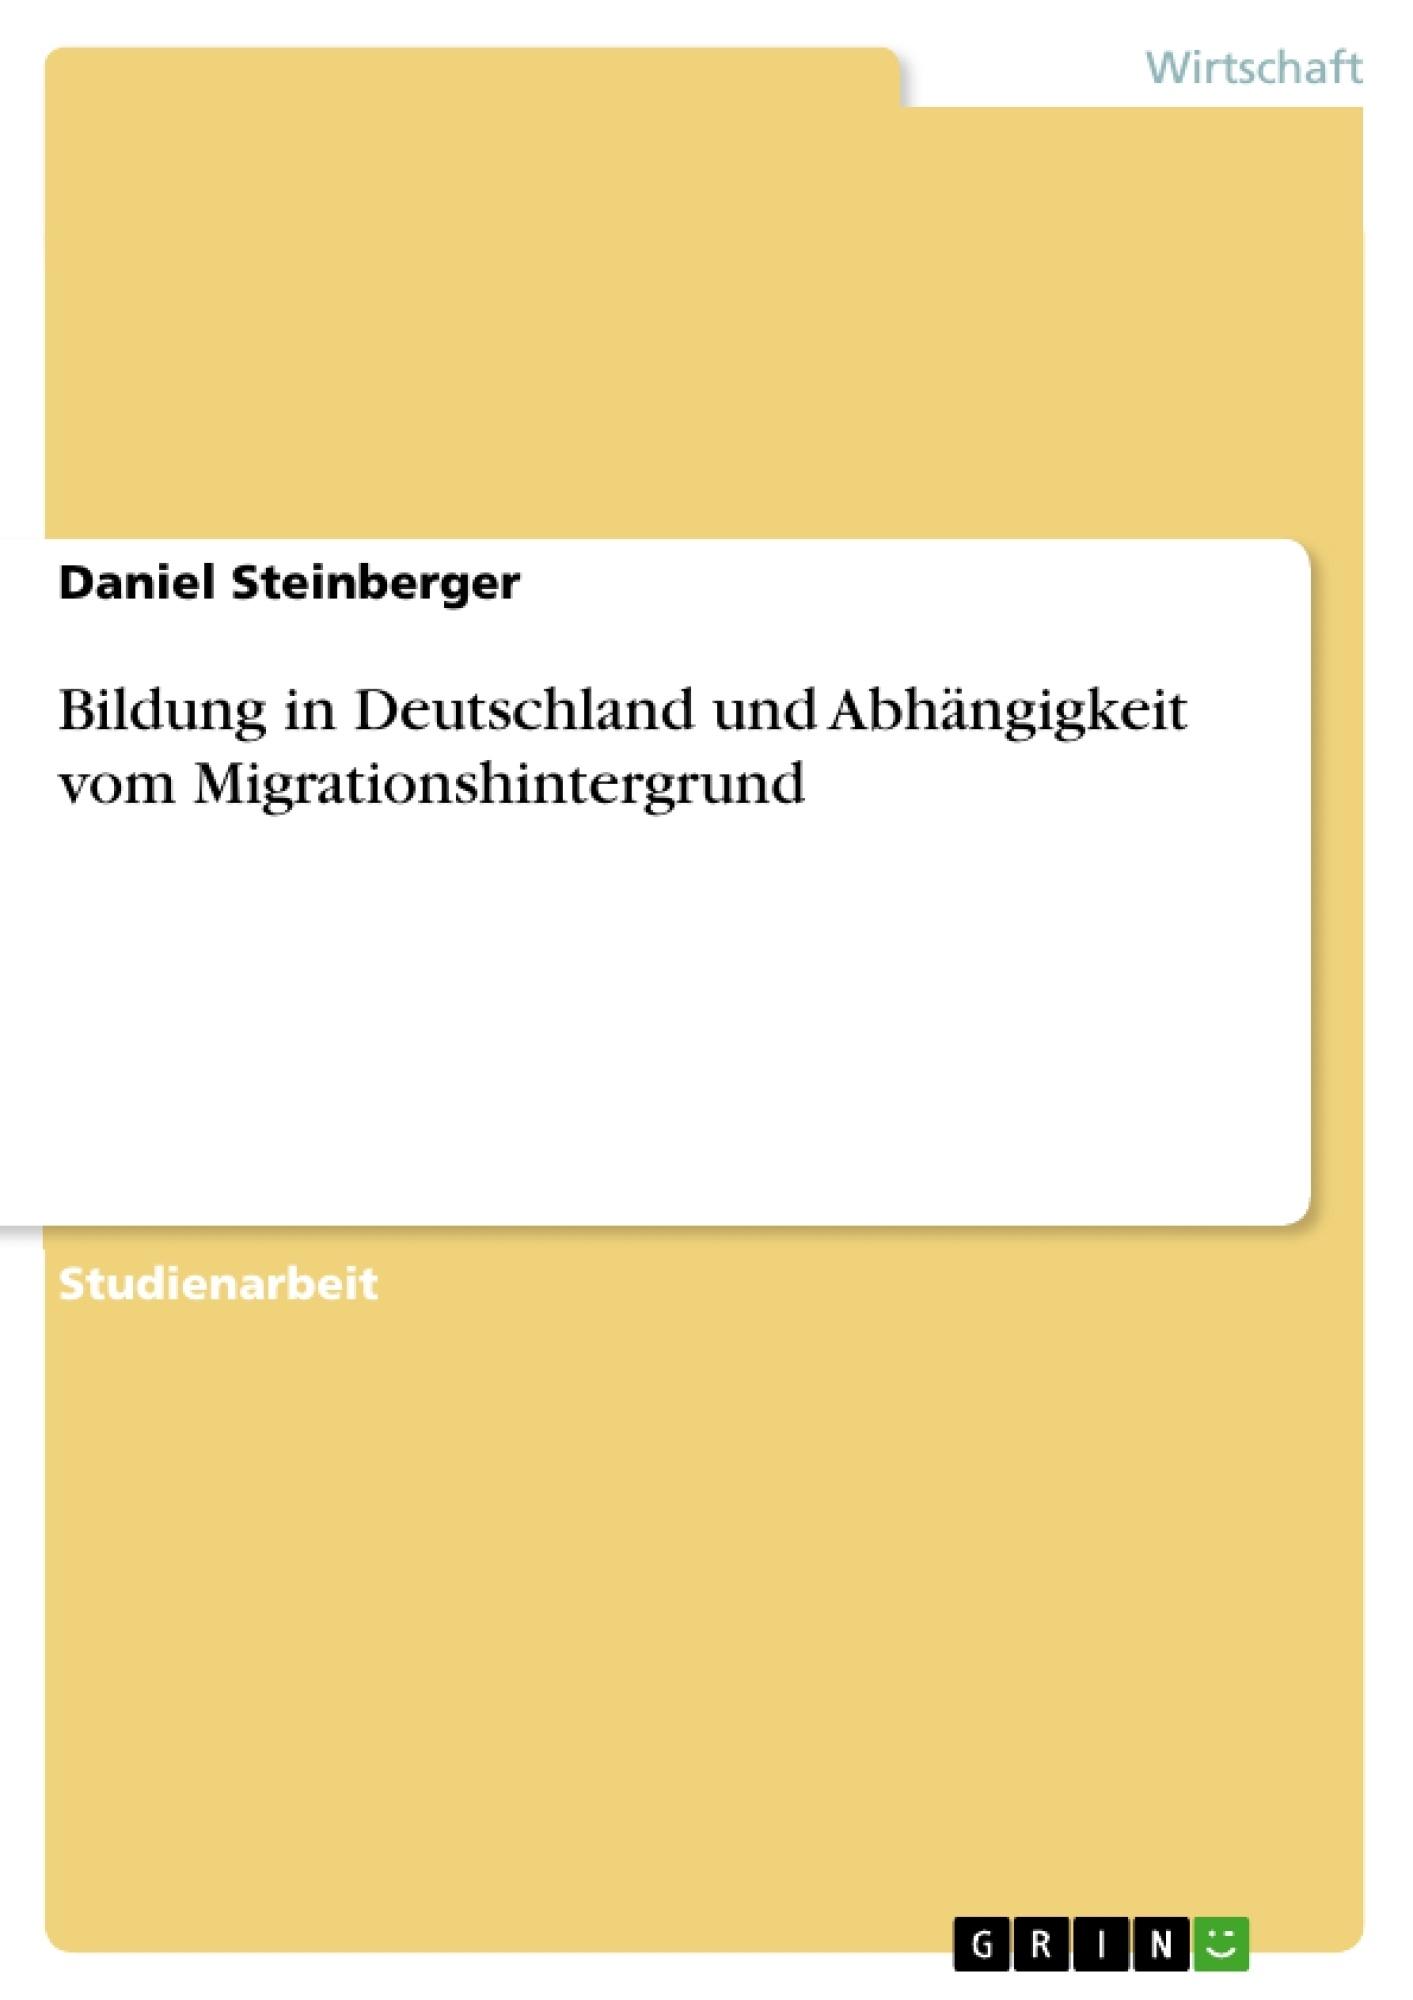 Titel: Bildung in Deutschland und Abhängigkeit vom Migrationshintergrund